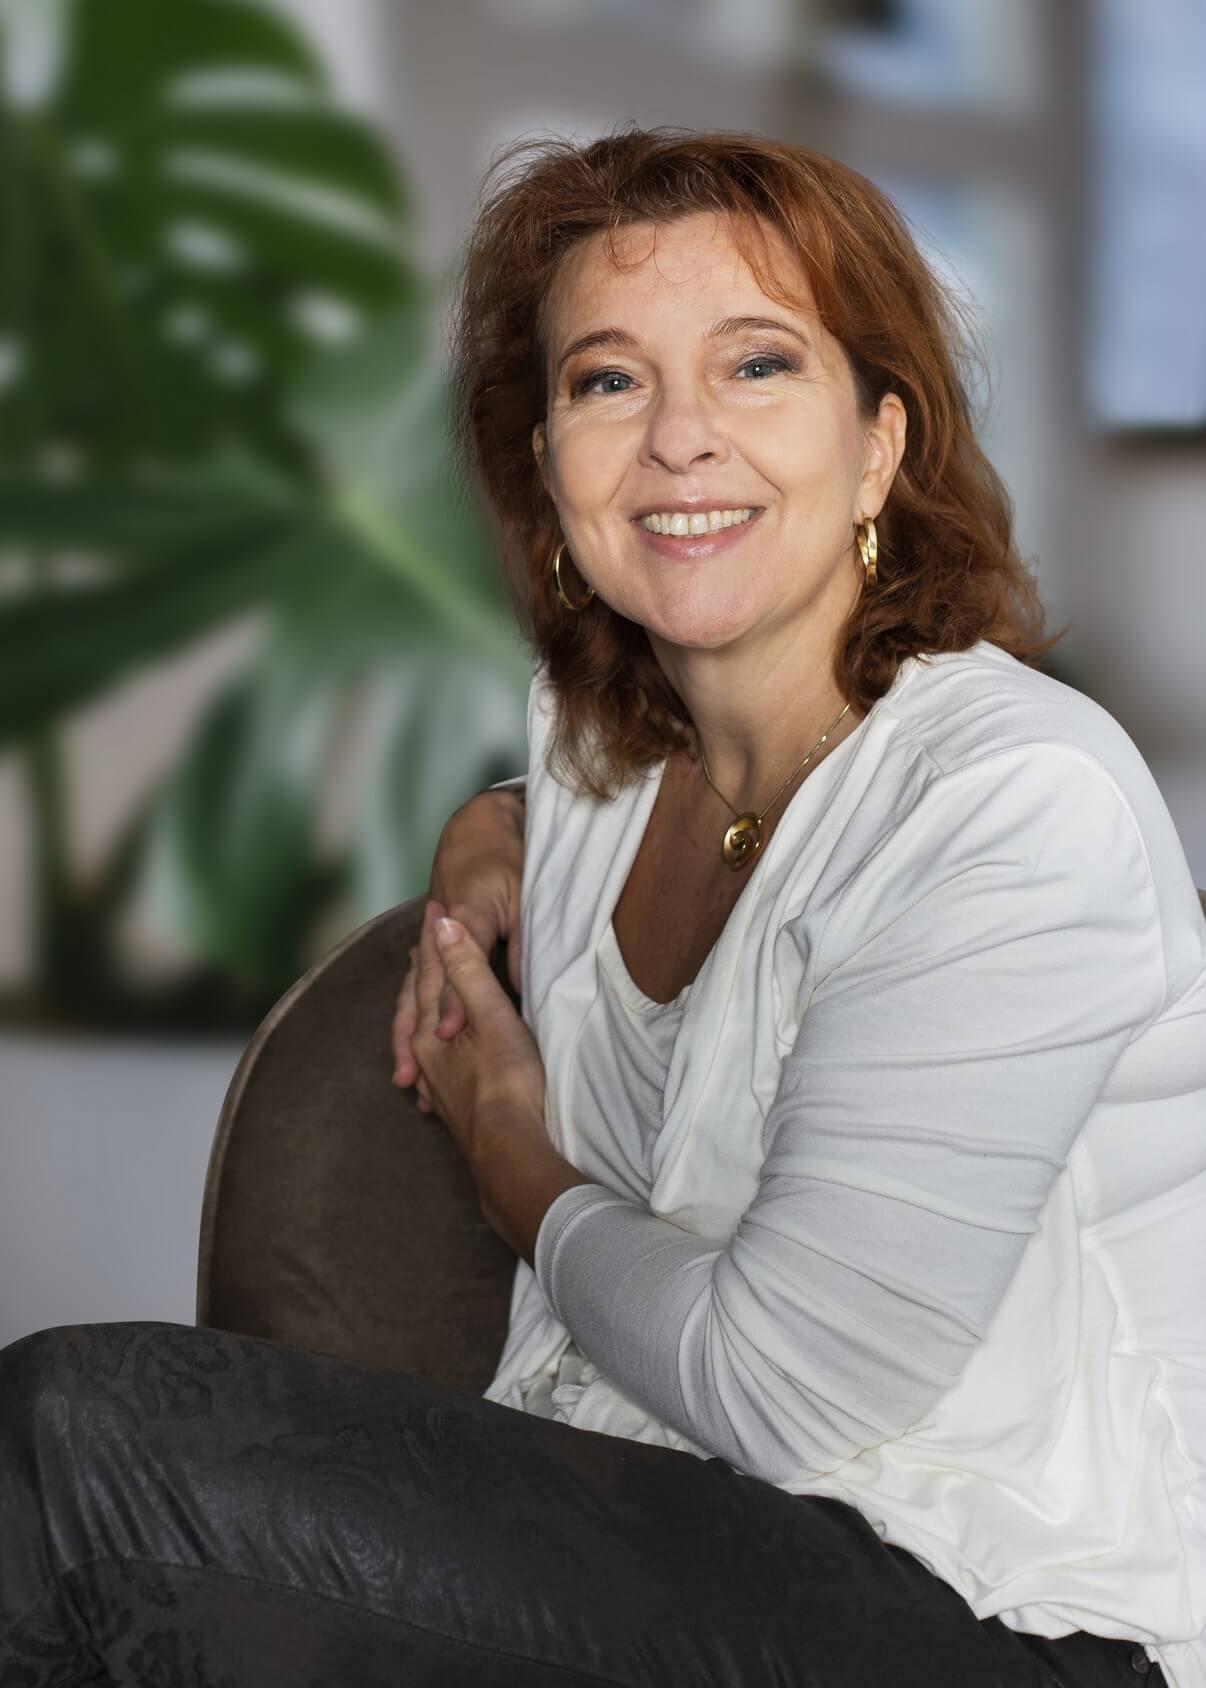 Diana Verhagen